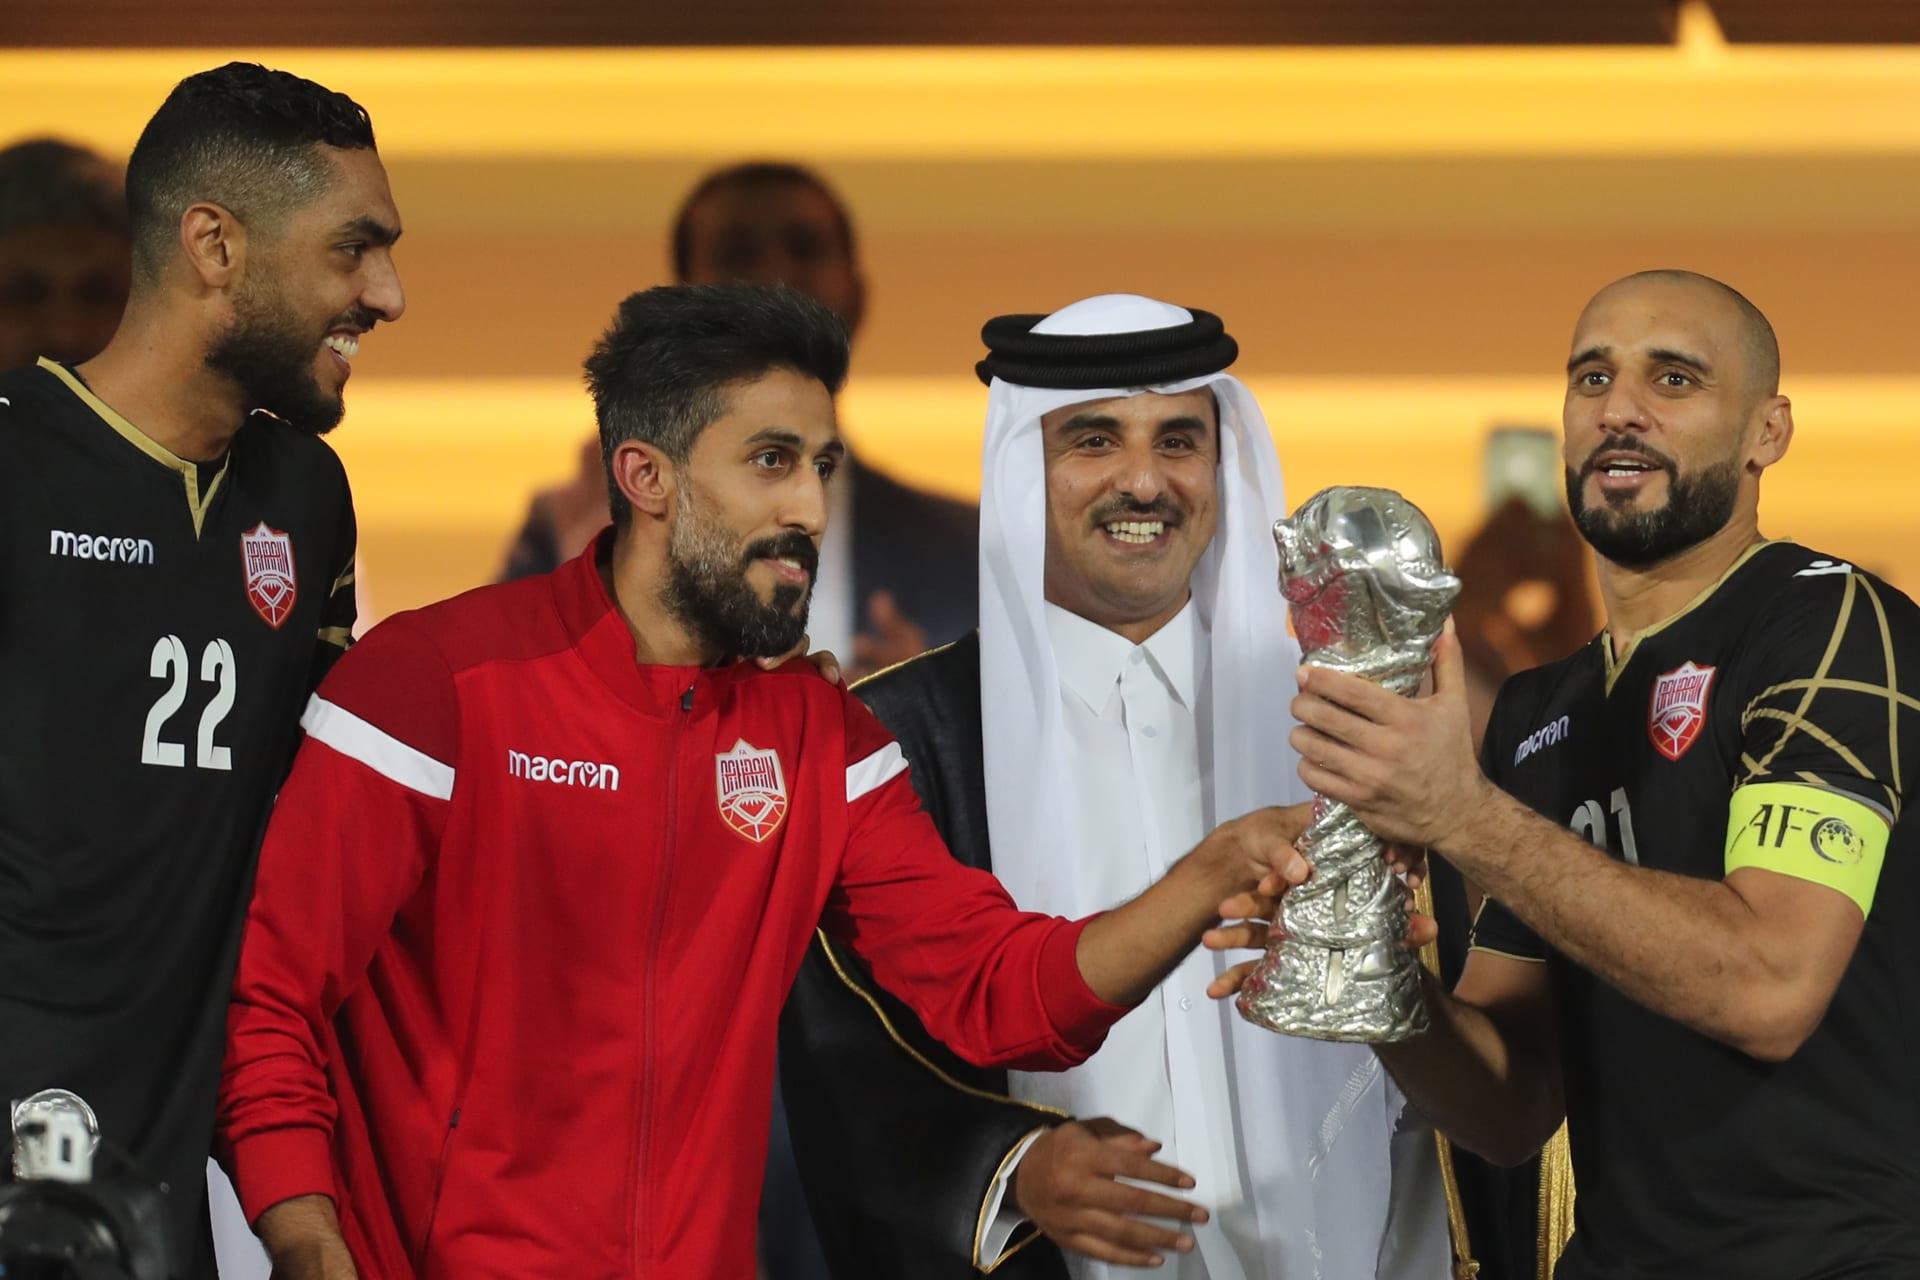 أمير قطر يمنح لقب كأس الخليج للمنتخب البحريني